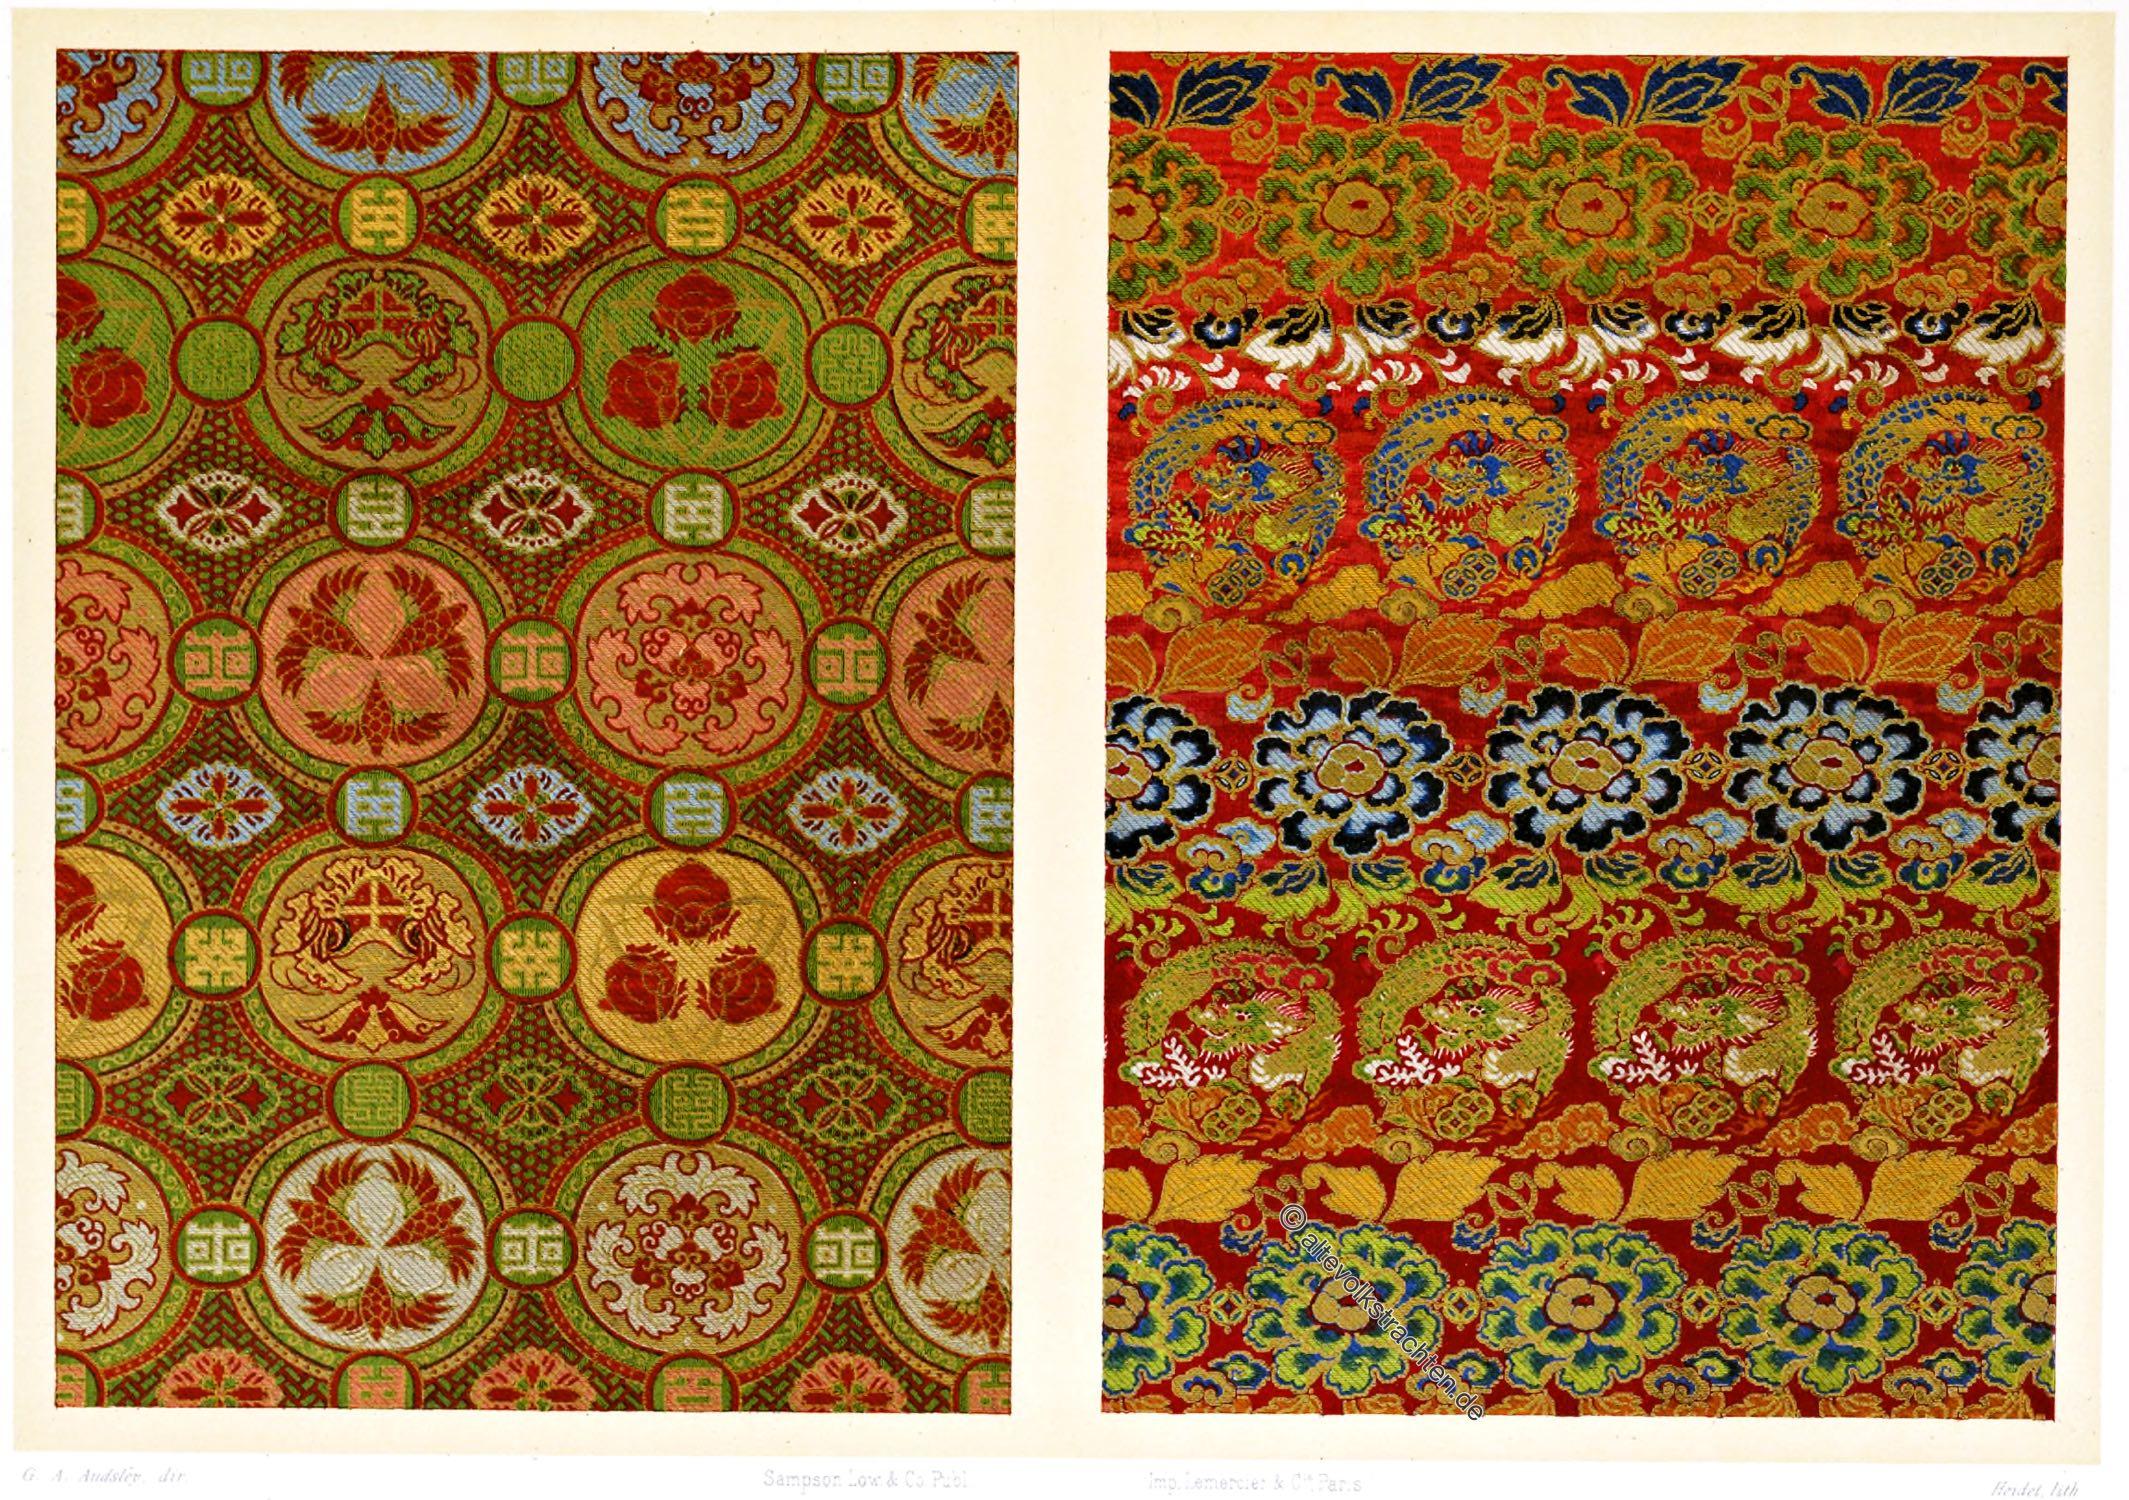 Japan, Textildesign, Orihon, Faltbuch, Leporello, Volkskunst, Bucheinband